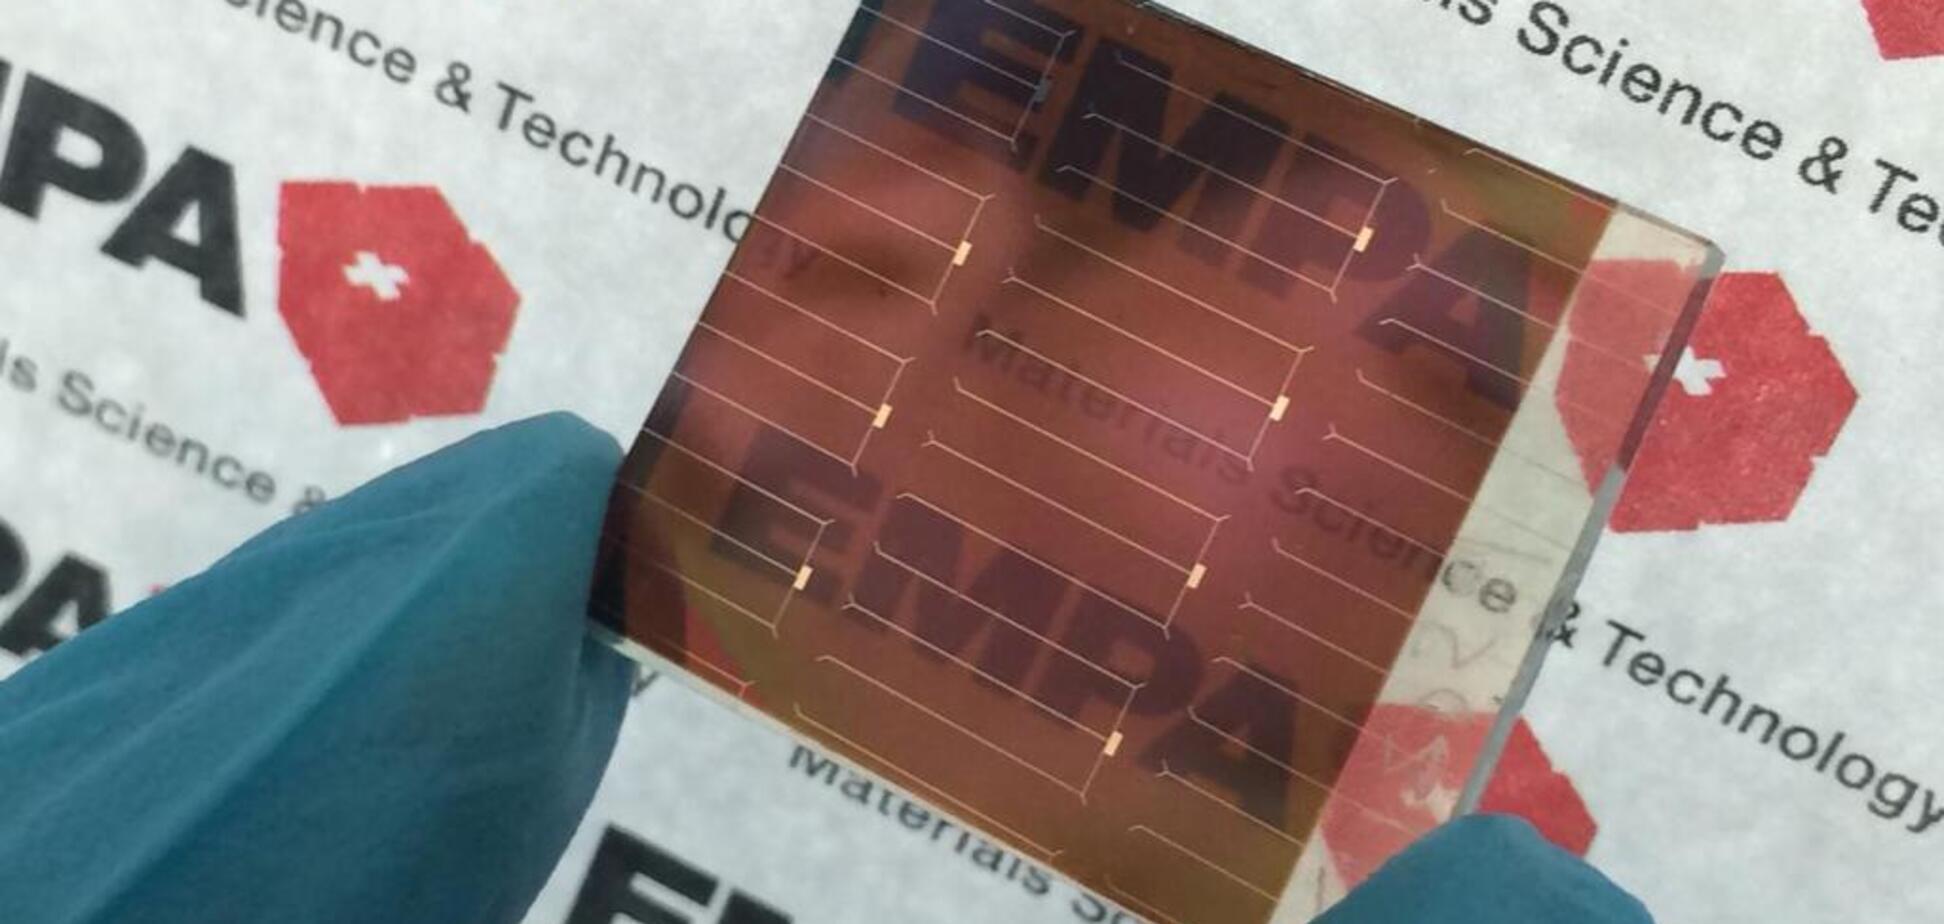 Ученые смогли устранить серьезный недостаток солнечных панелей